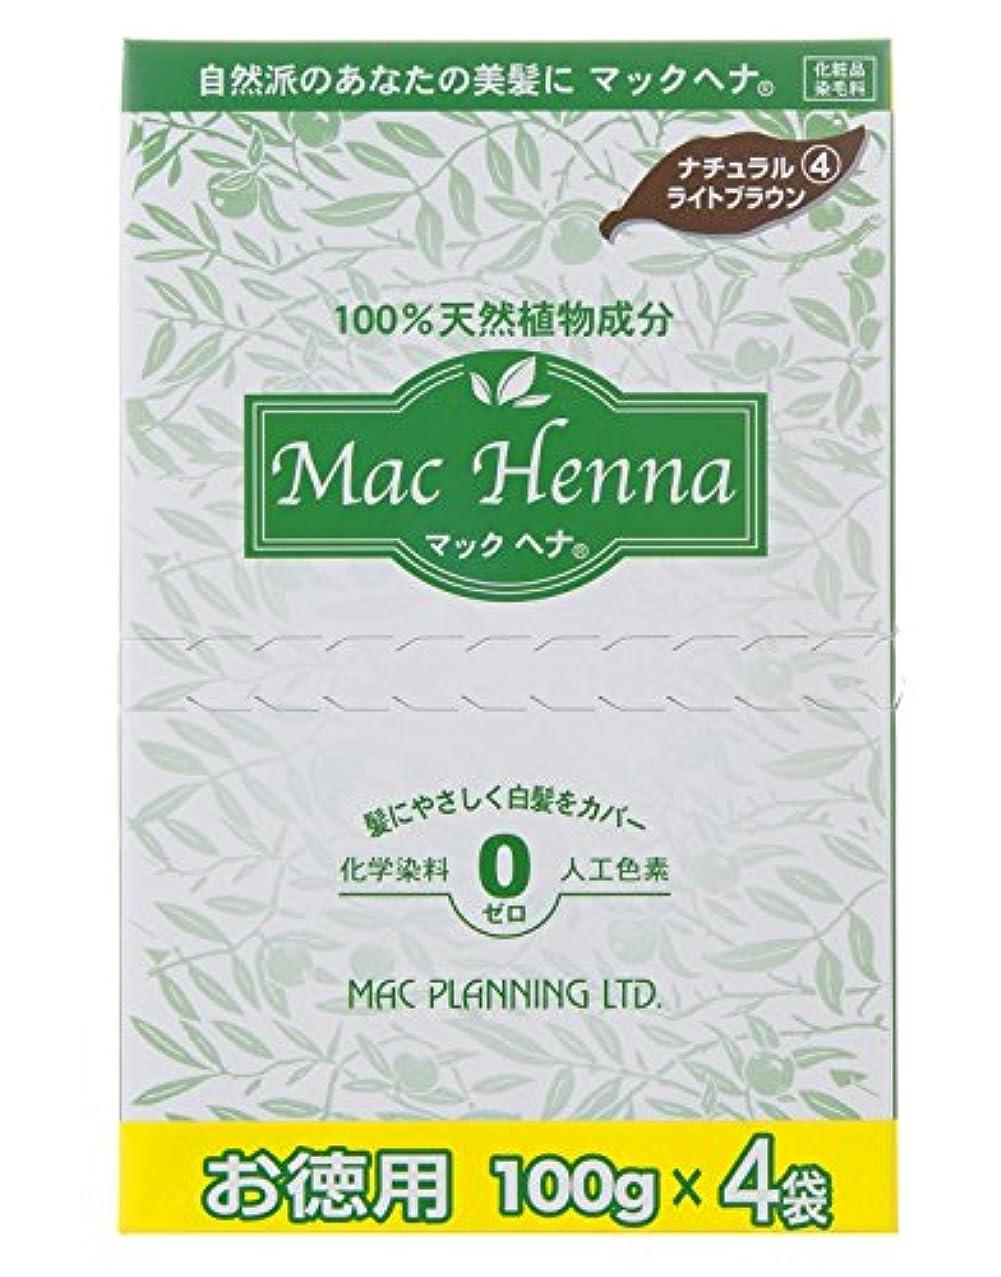 バイナリ改革コークスマックヘナ お徳用 ナチュラルライトブラウン400g ヘナ白髪用カラー